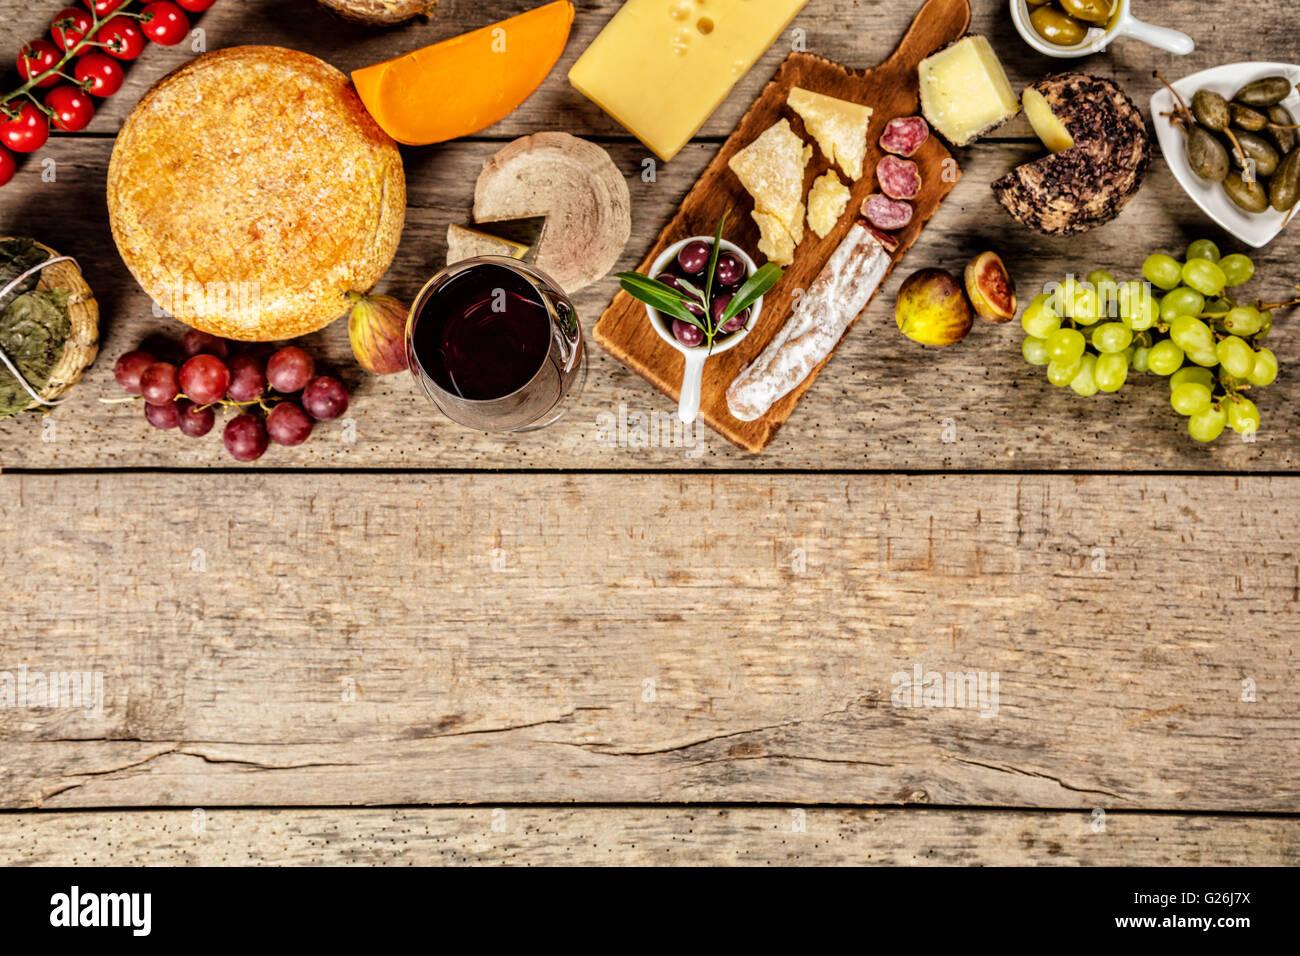 Diversos tipos de queso tradicional y la delicadeza adecuada para el vino, colocados sobre madera, disparado desde un alto ángulo de visualización. Foto de stock